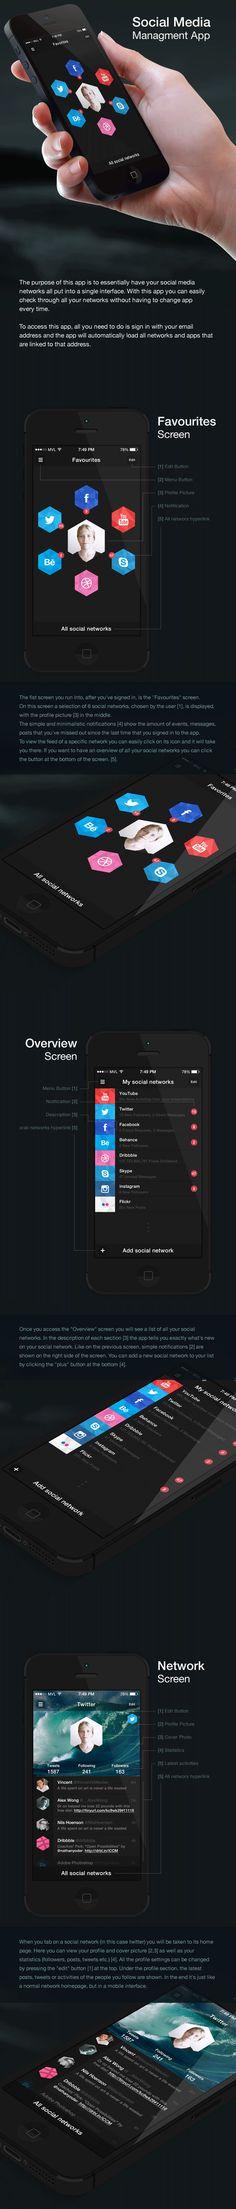 iOS7 Social Media Managment App